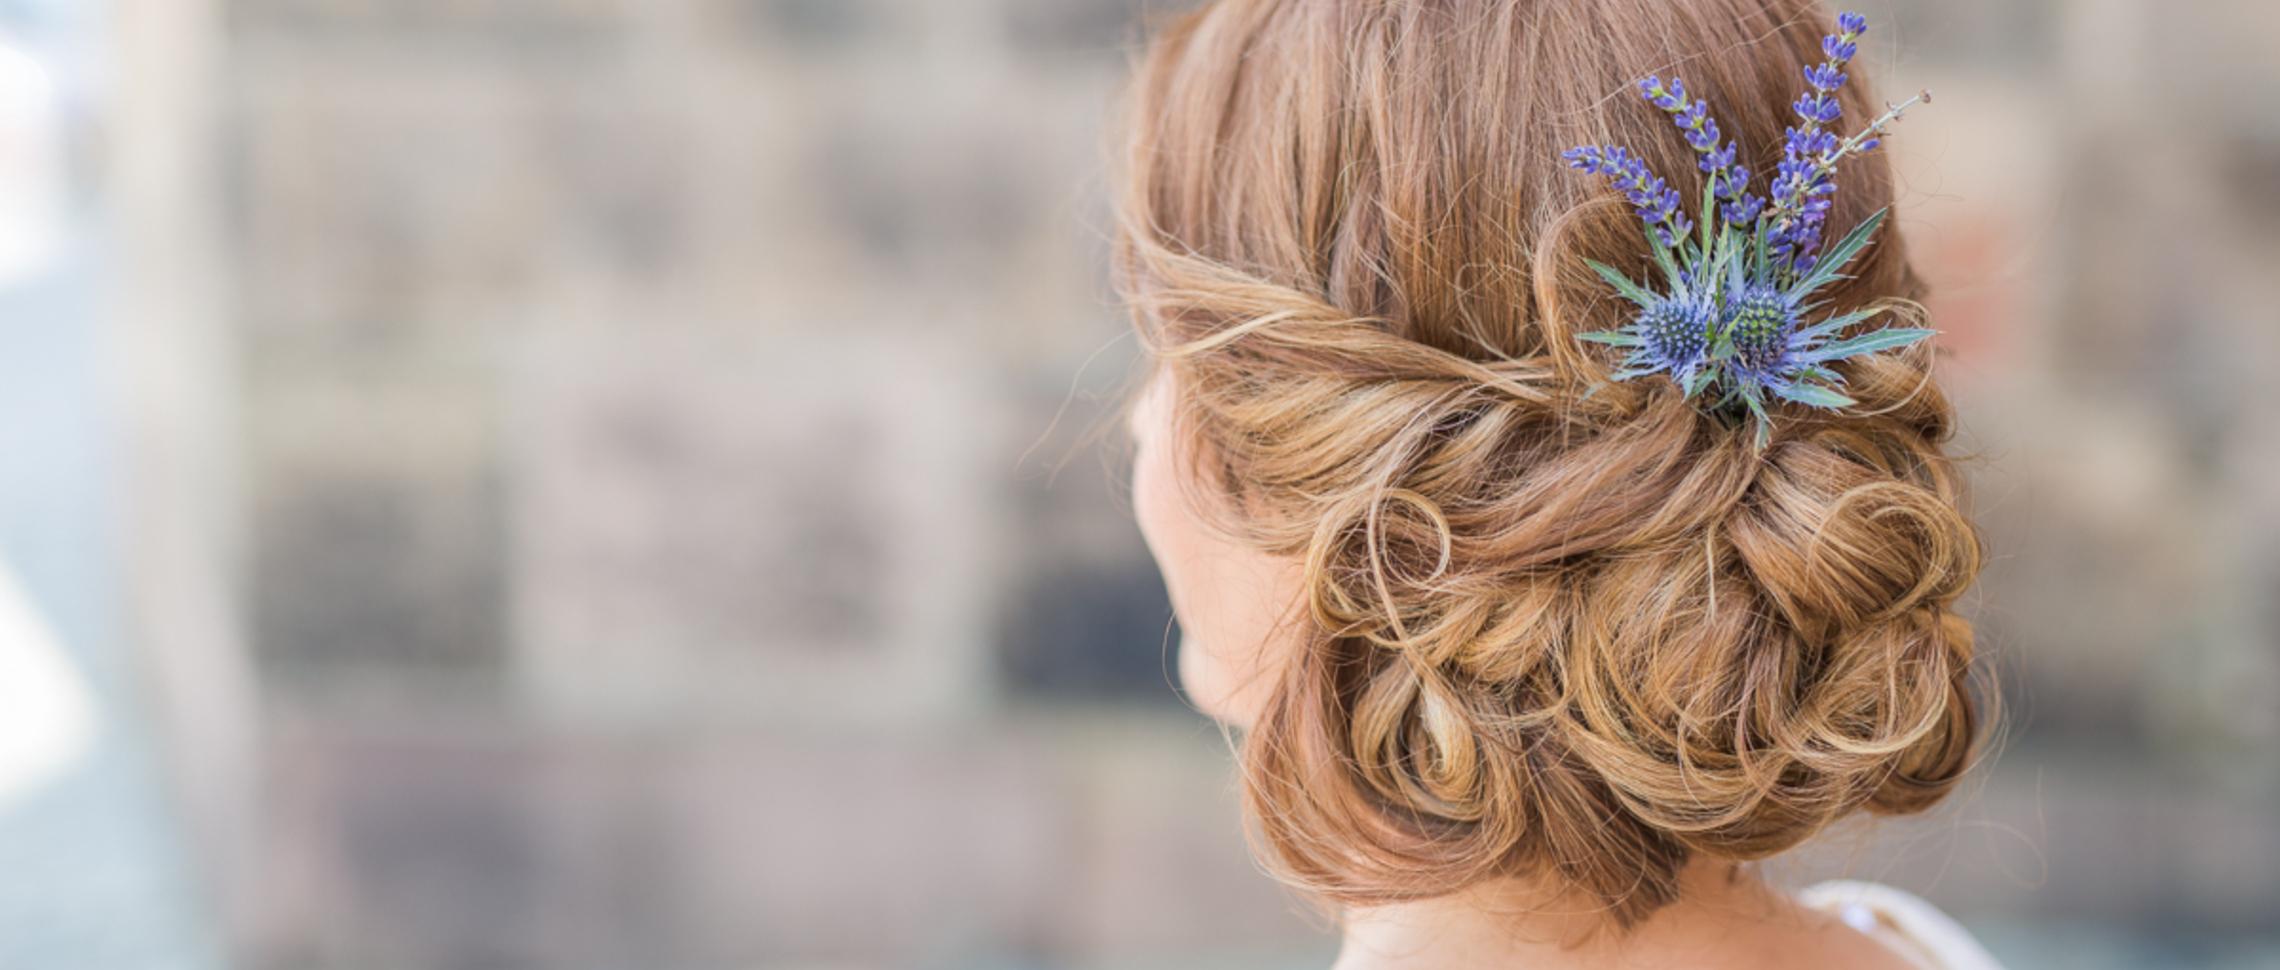 håruppsättning bröllop stockholm